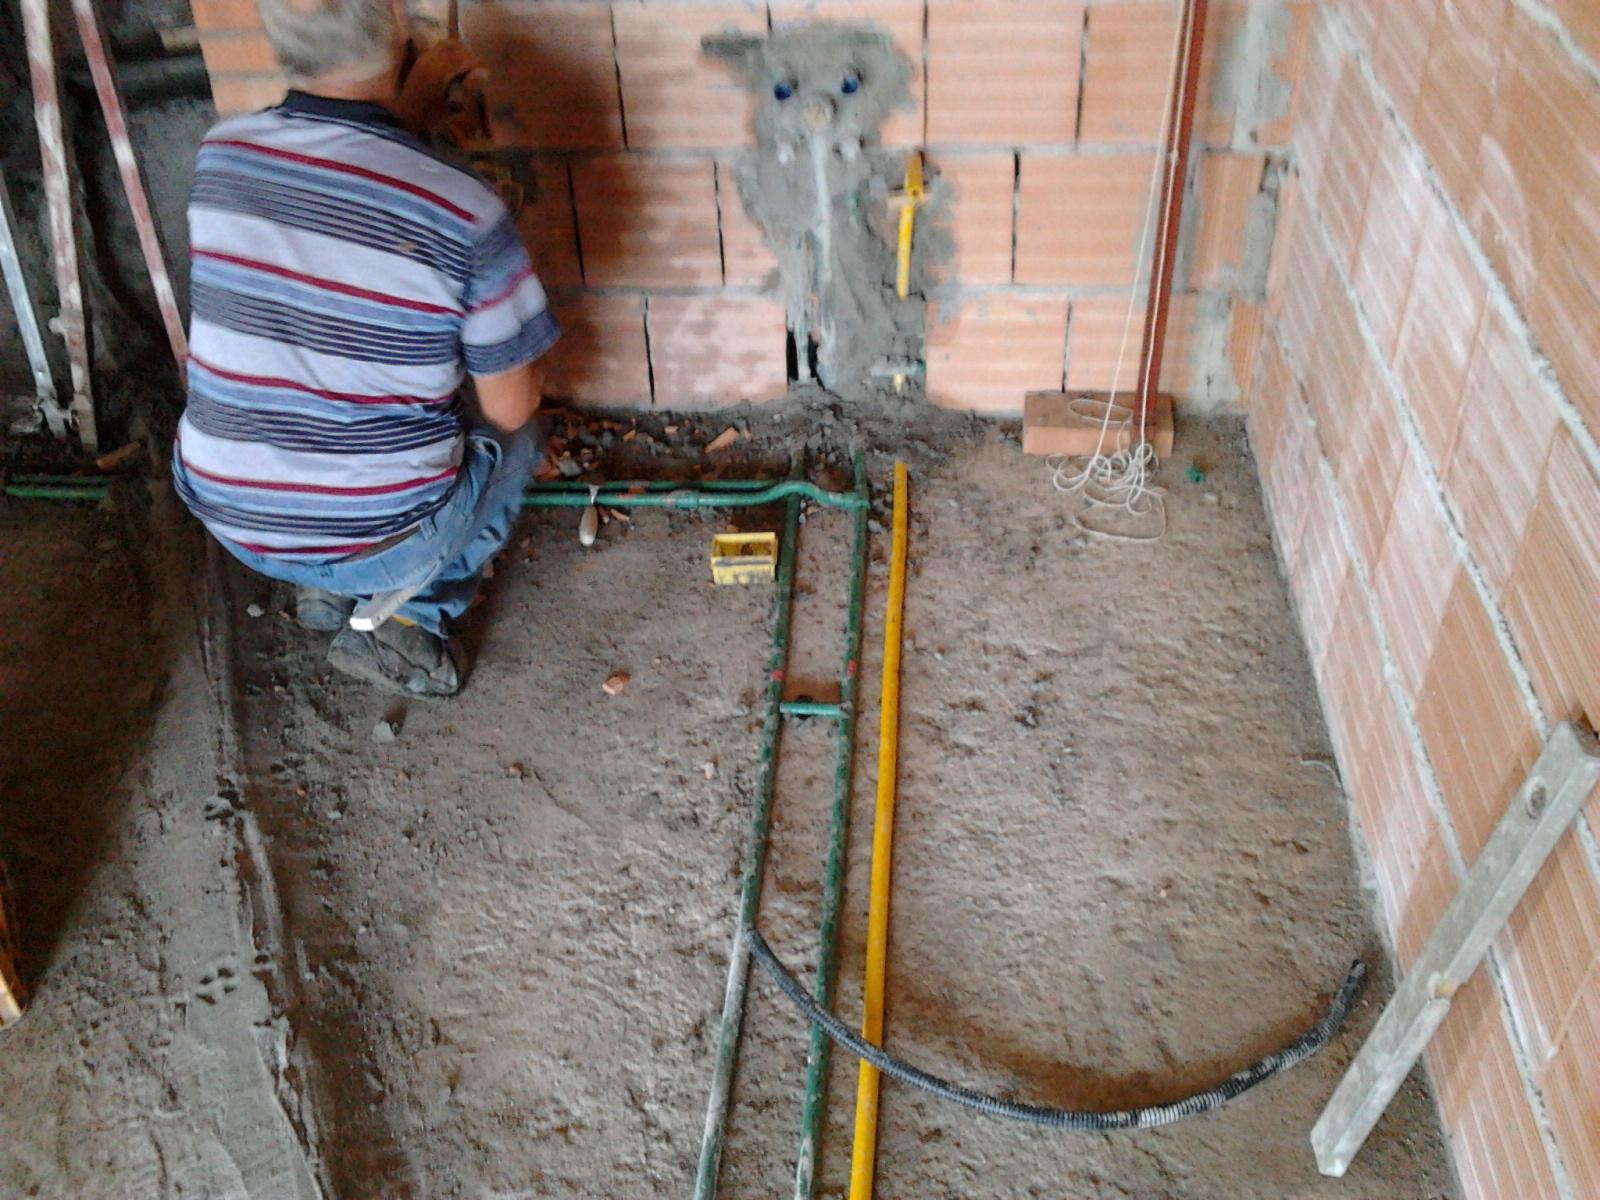 Video impianto idraulico bagno schema impianto idraulico bagno